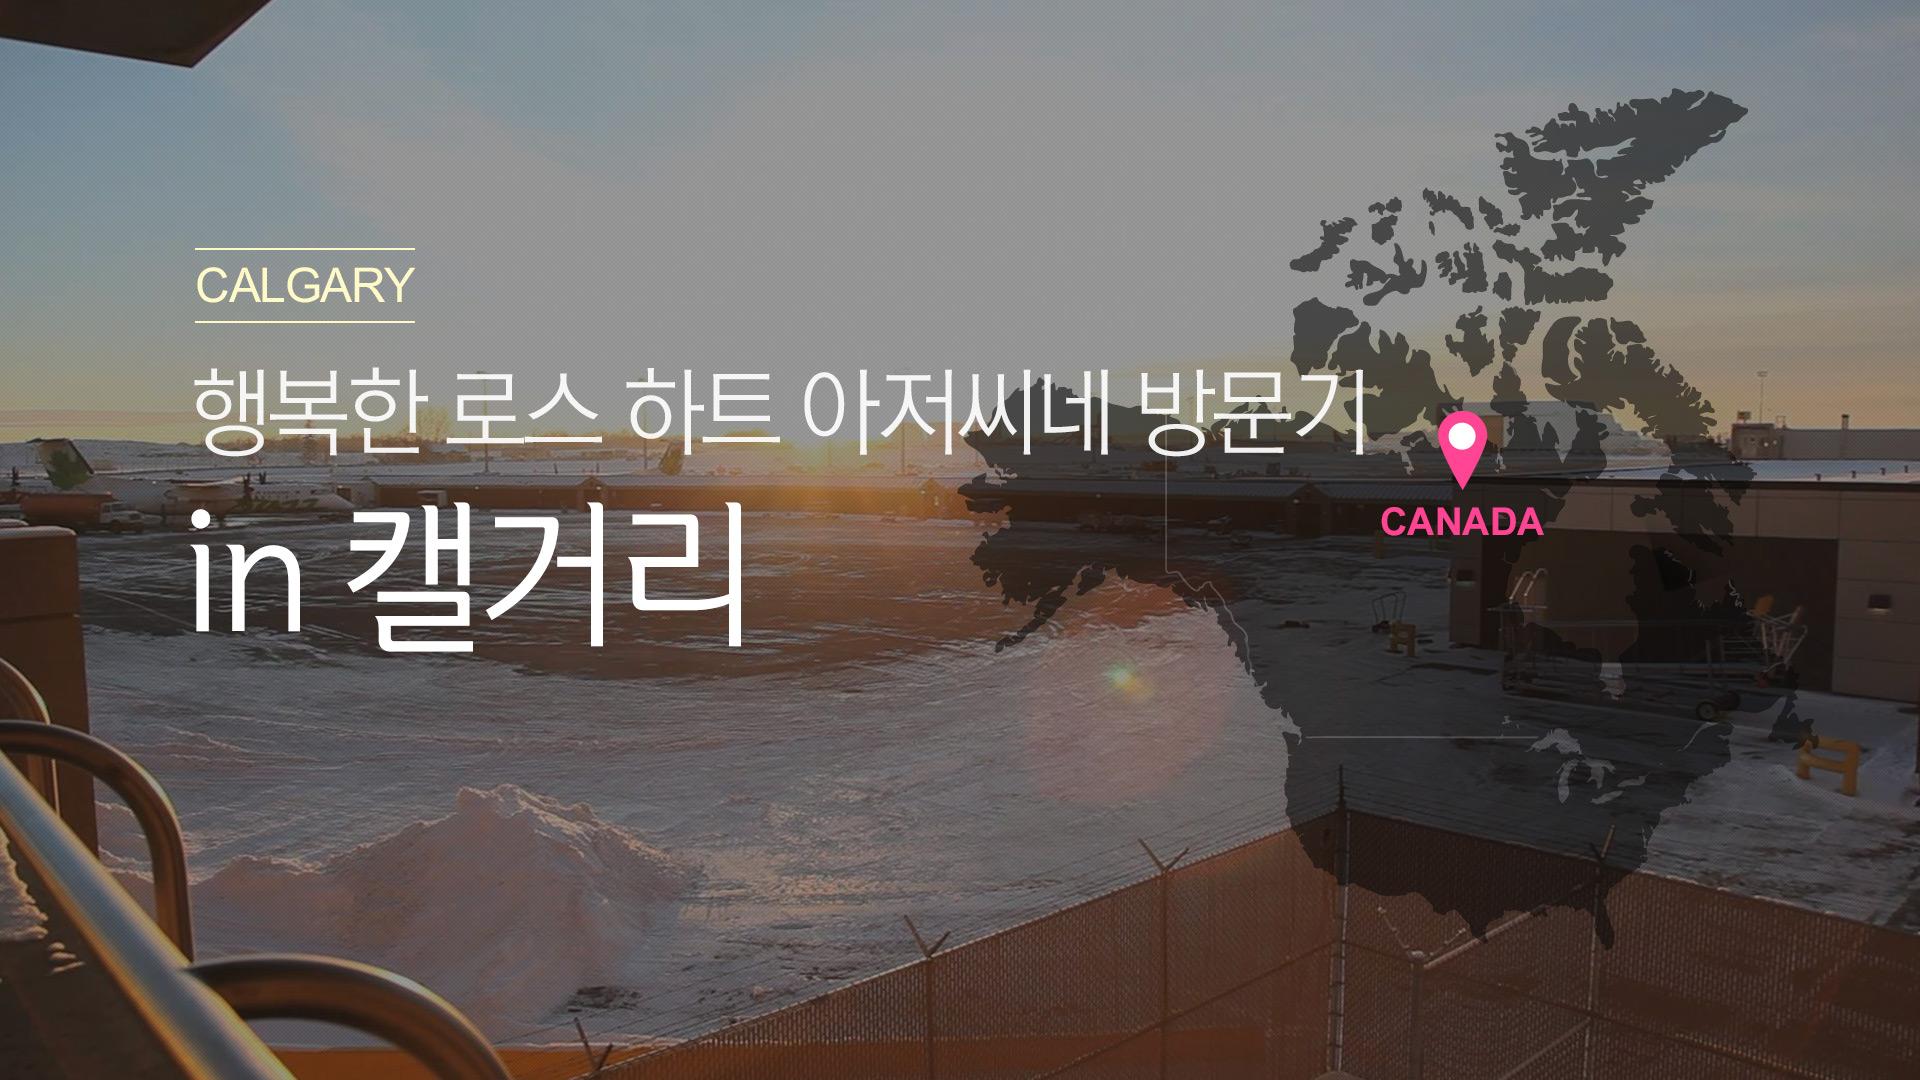 [캐나다]  로스 하트 아저씨네 방문기